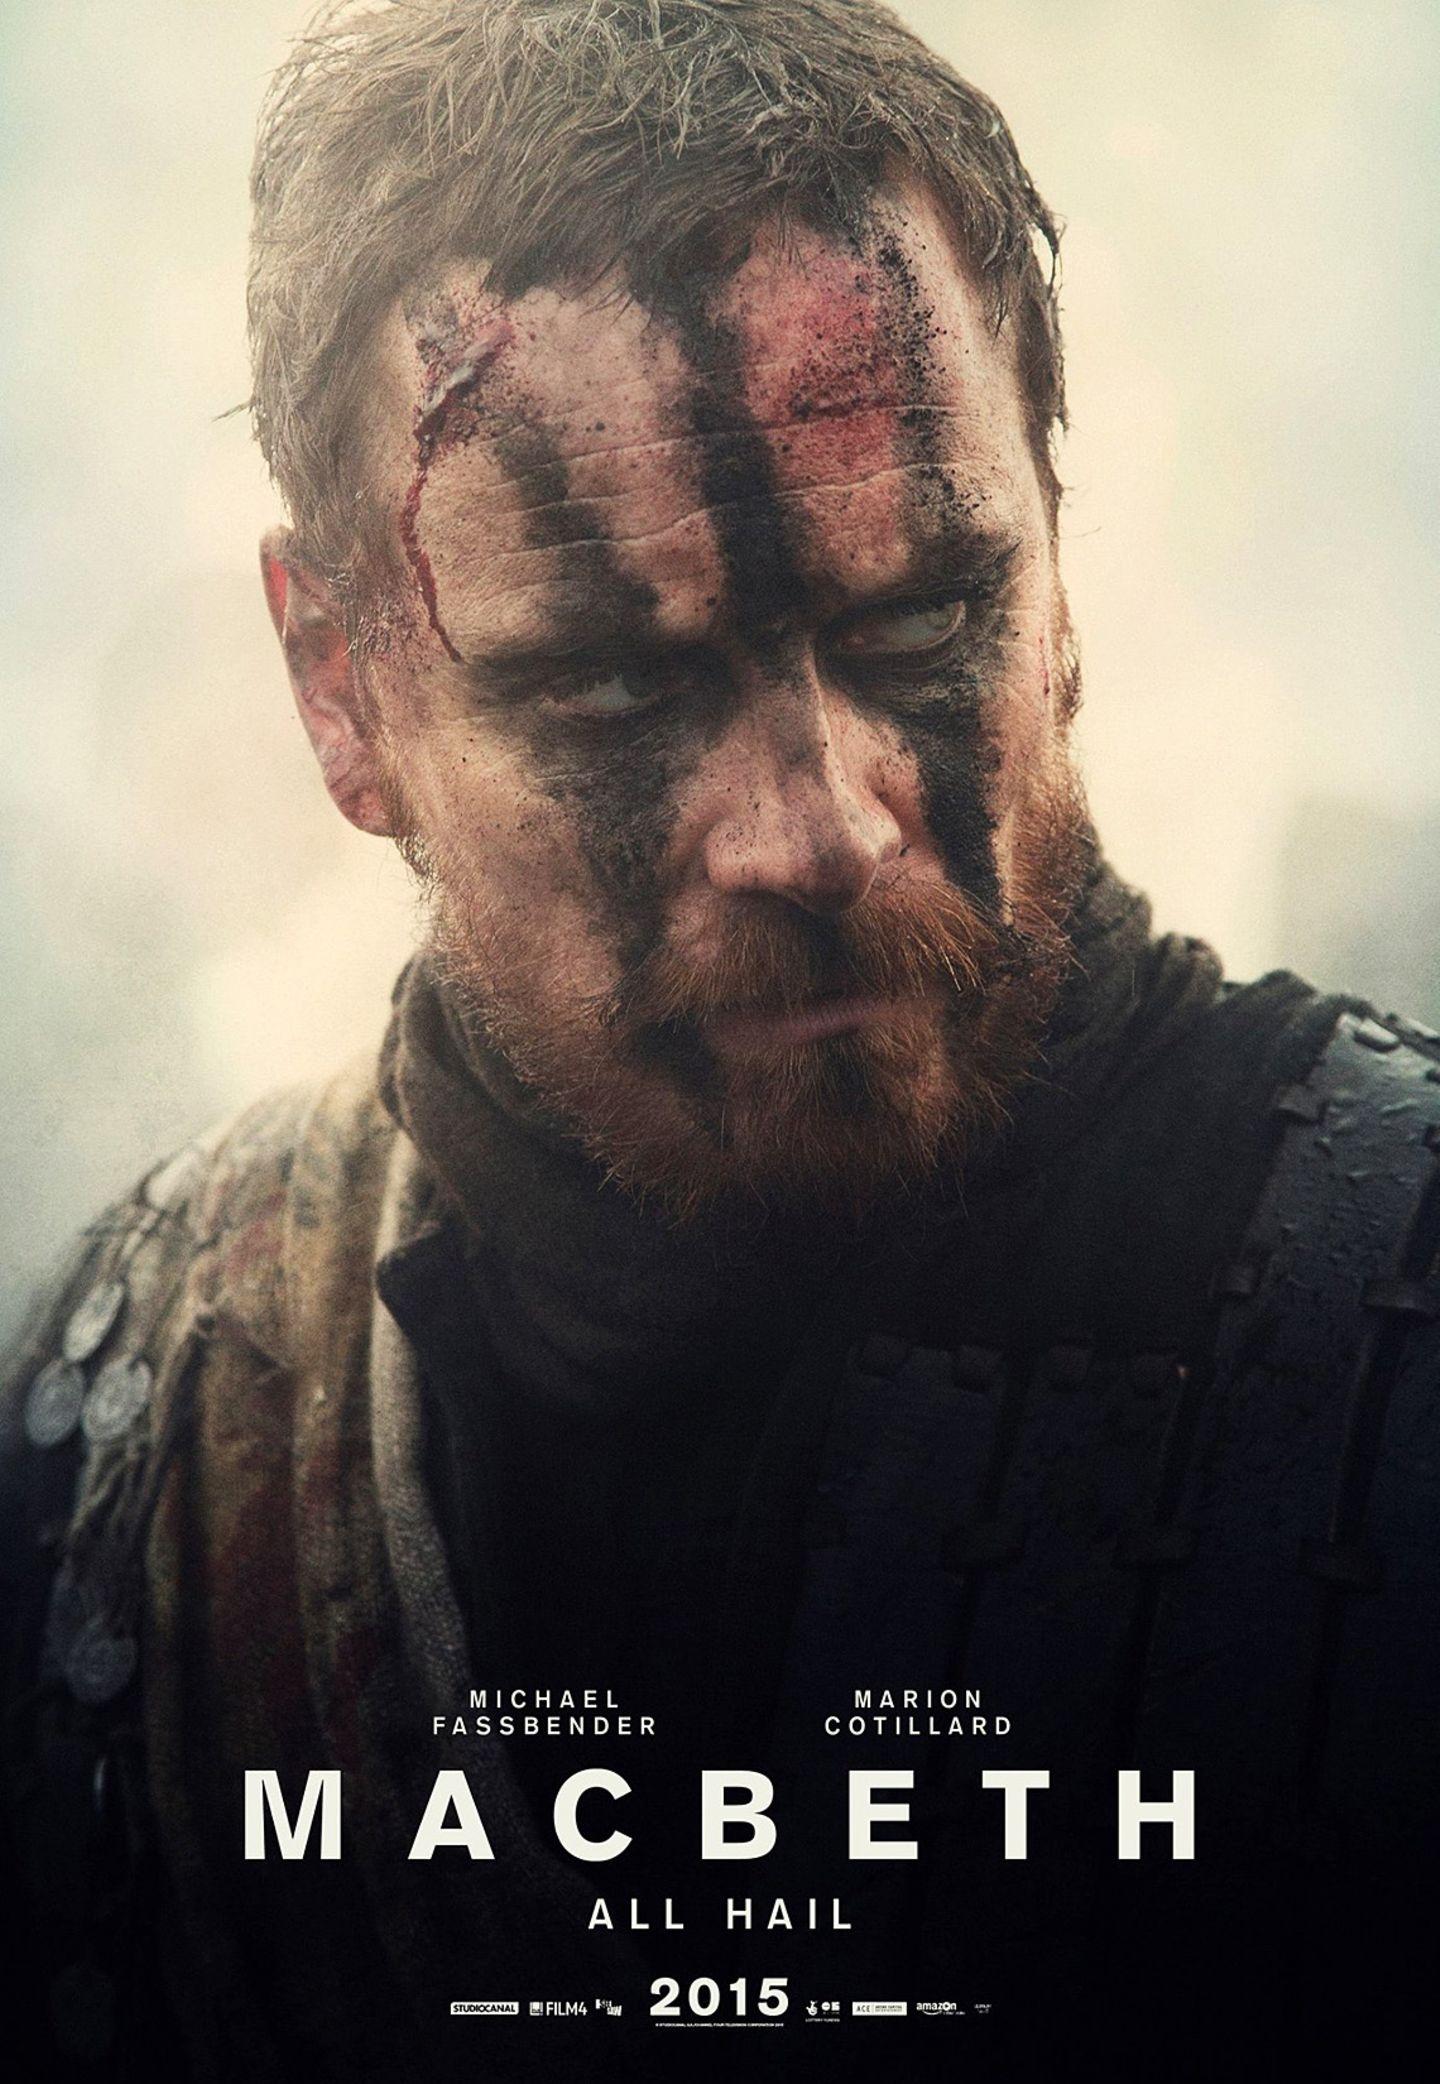 """Im Oktober 2015 nimmt Michael Fassbender in """"Macbeth"""" die Rolle des machtbesessenen, schottischen Tyrannen ein. Vom Kriegsheld wird er zum grausamen Herrscher - und verliert dabei nicht nur seinen Verstand."""